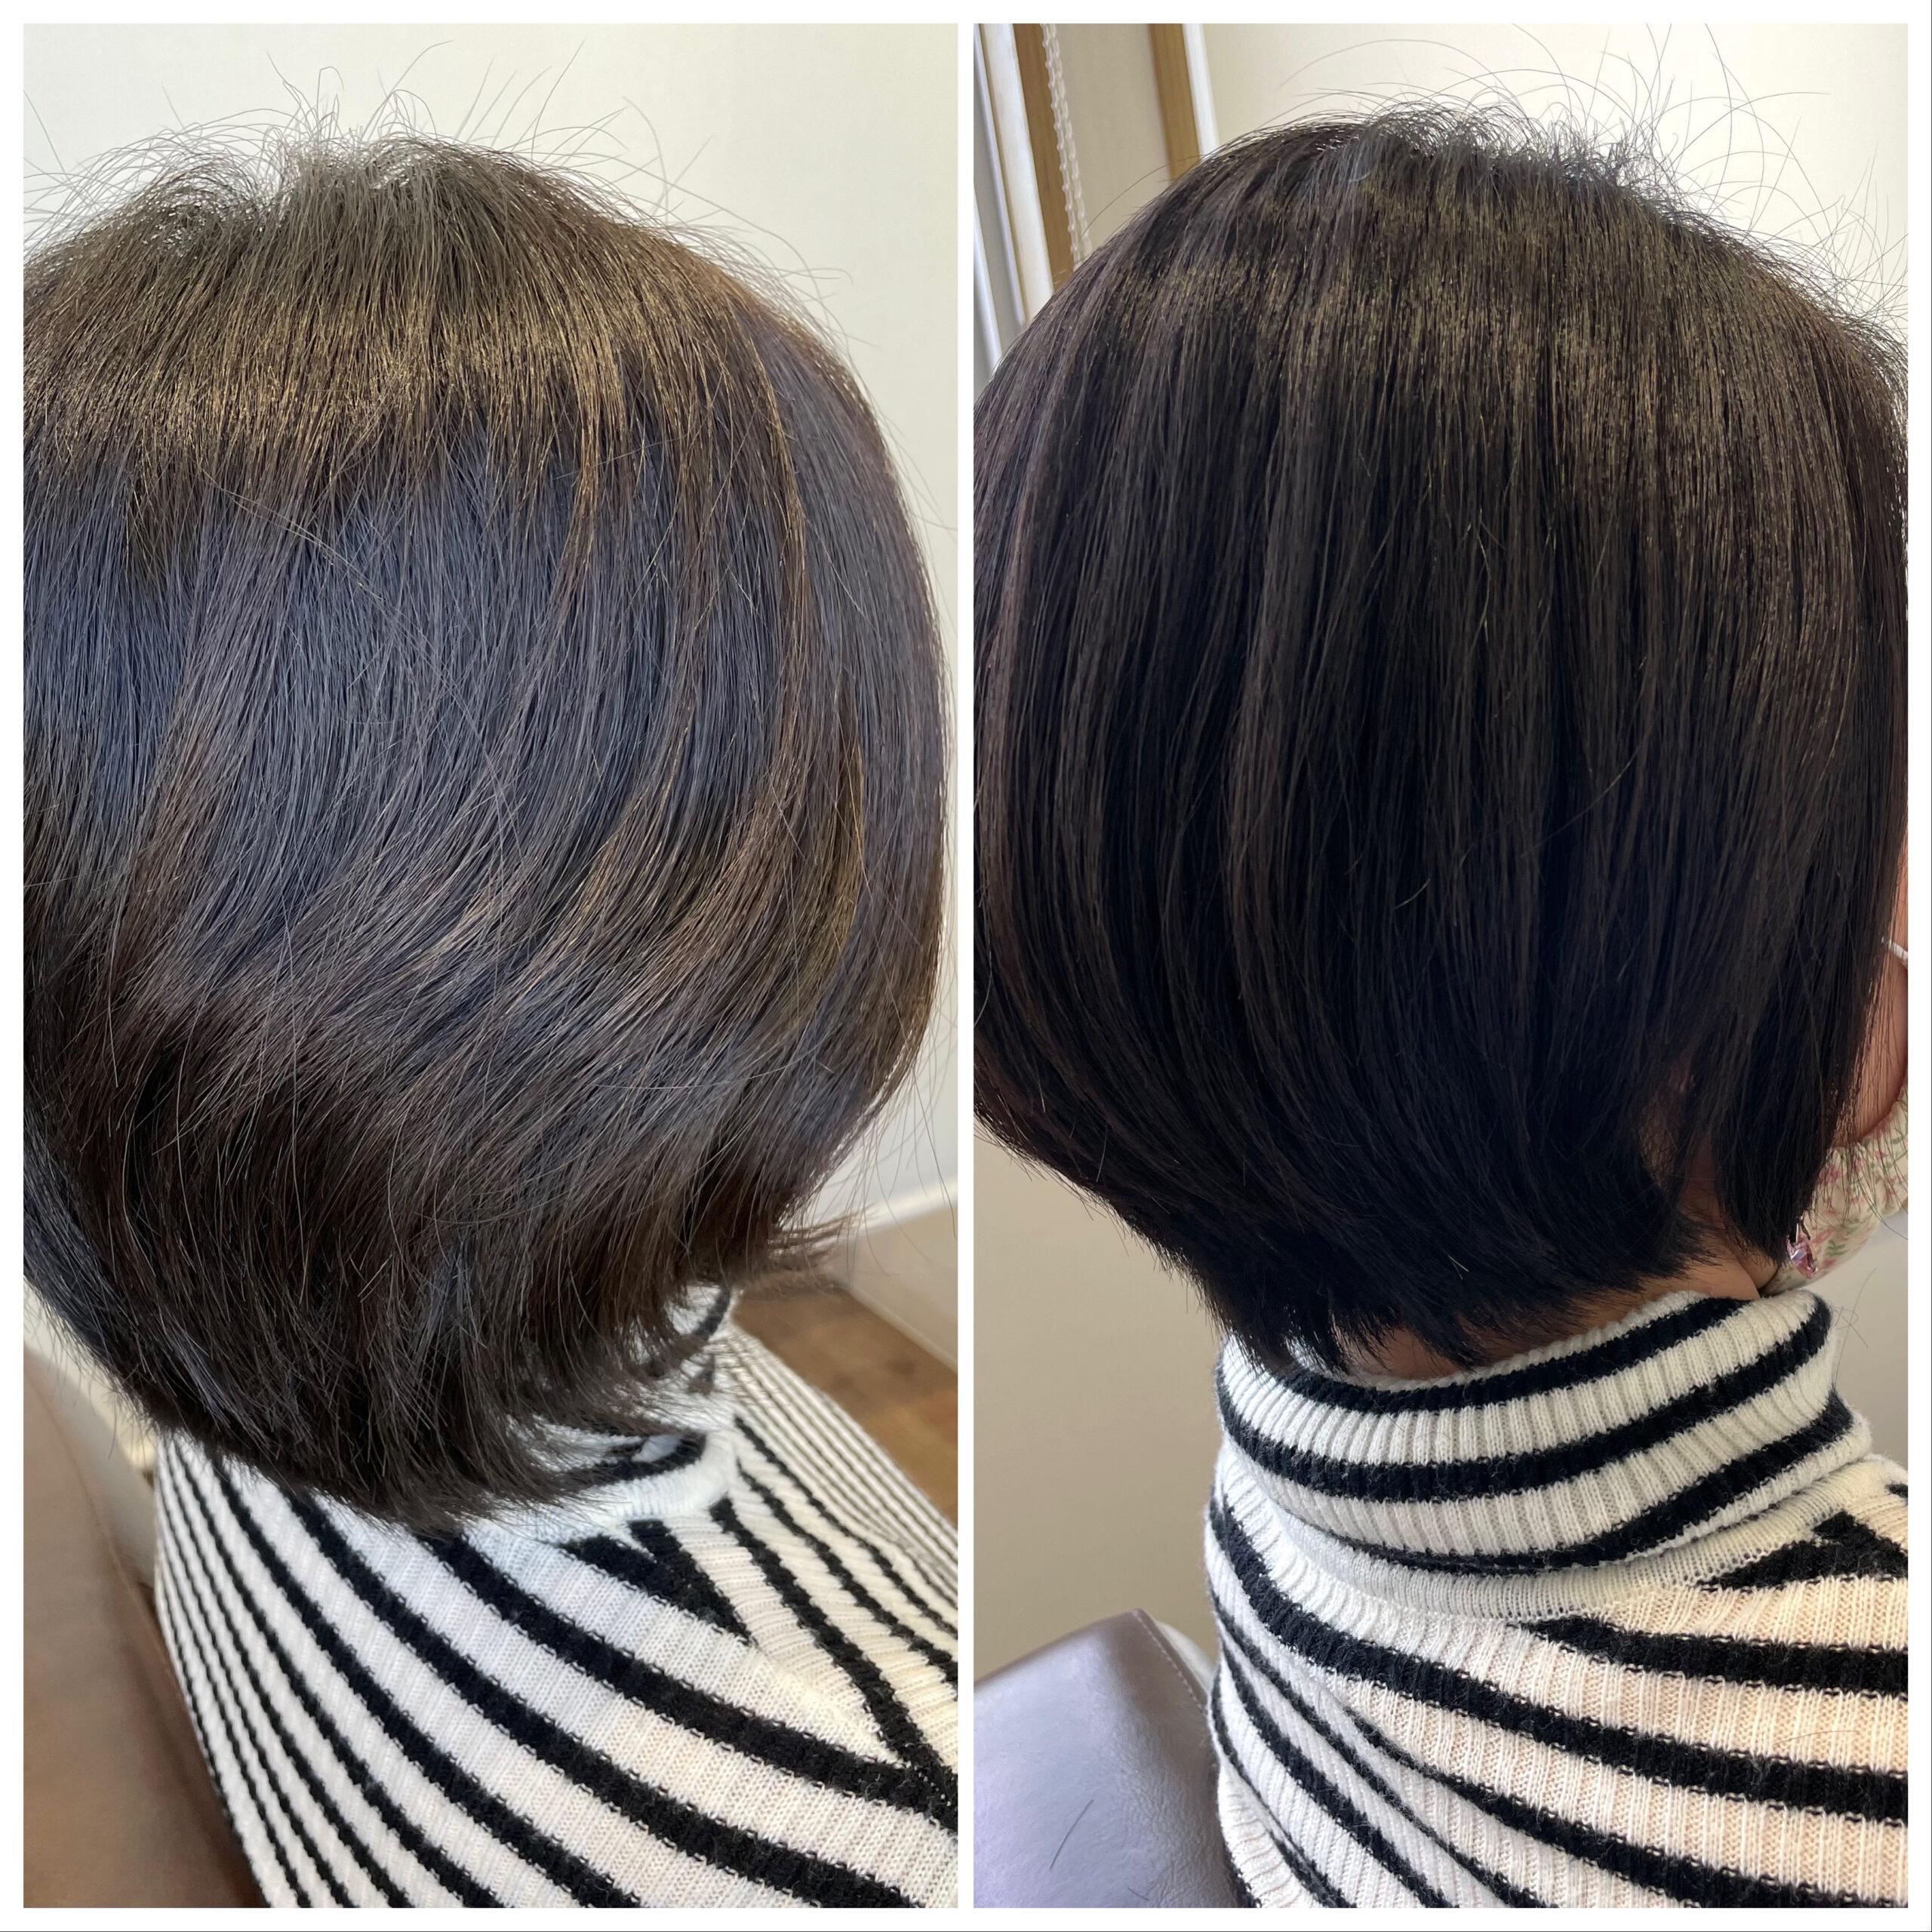 大分県別府市 癖でボリュームが出る髪の毛を弱酸性の縮毛矯正(ストレート)でボリュームダウン ビフォーアフター